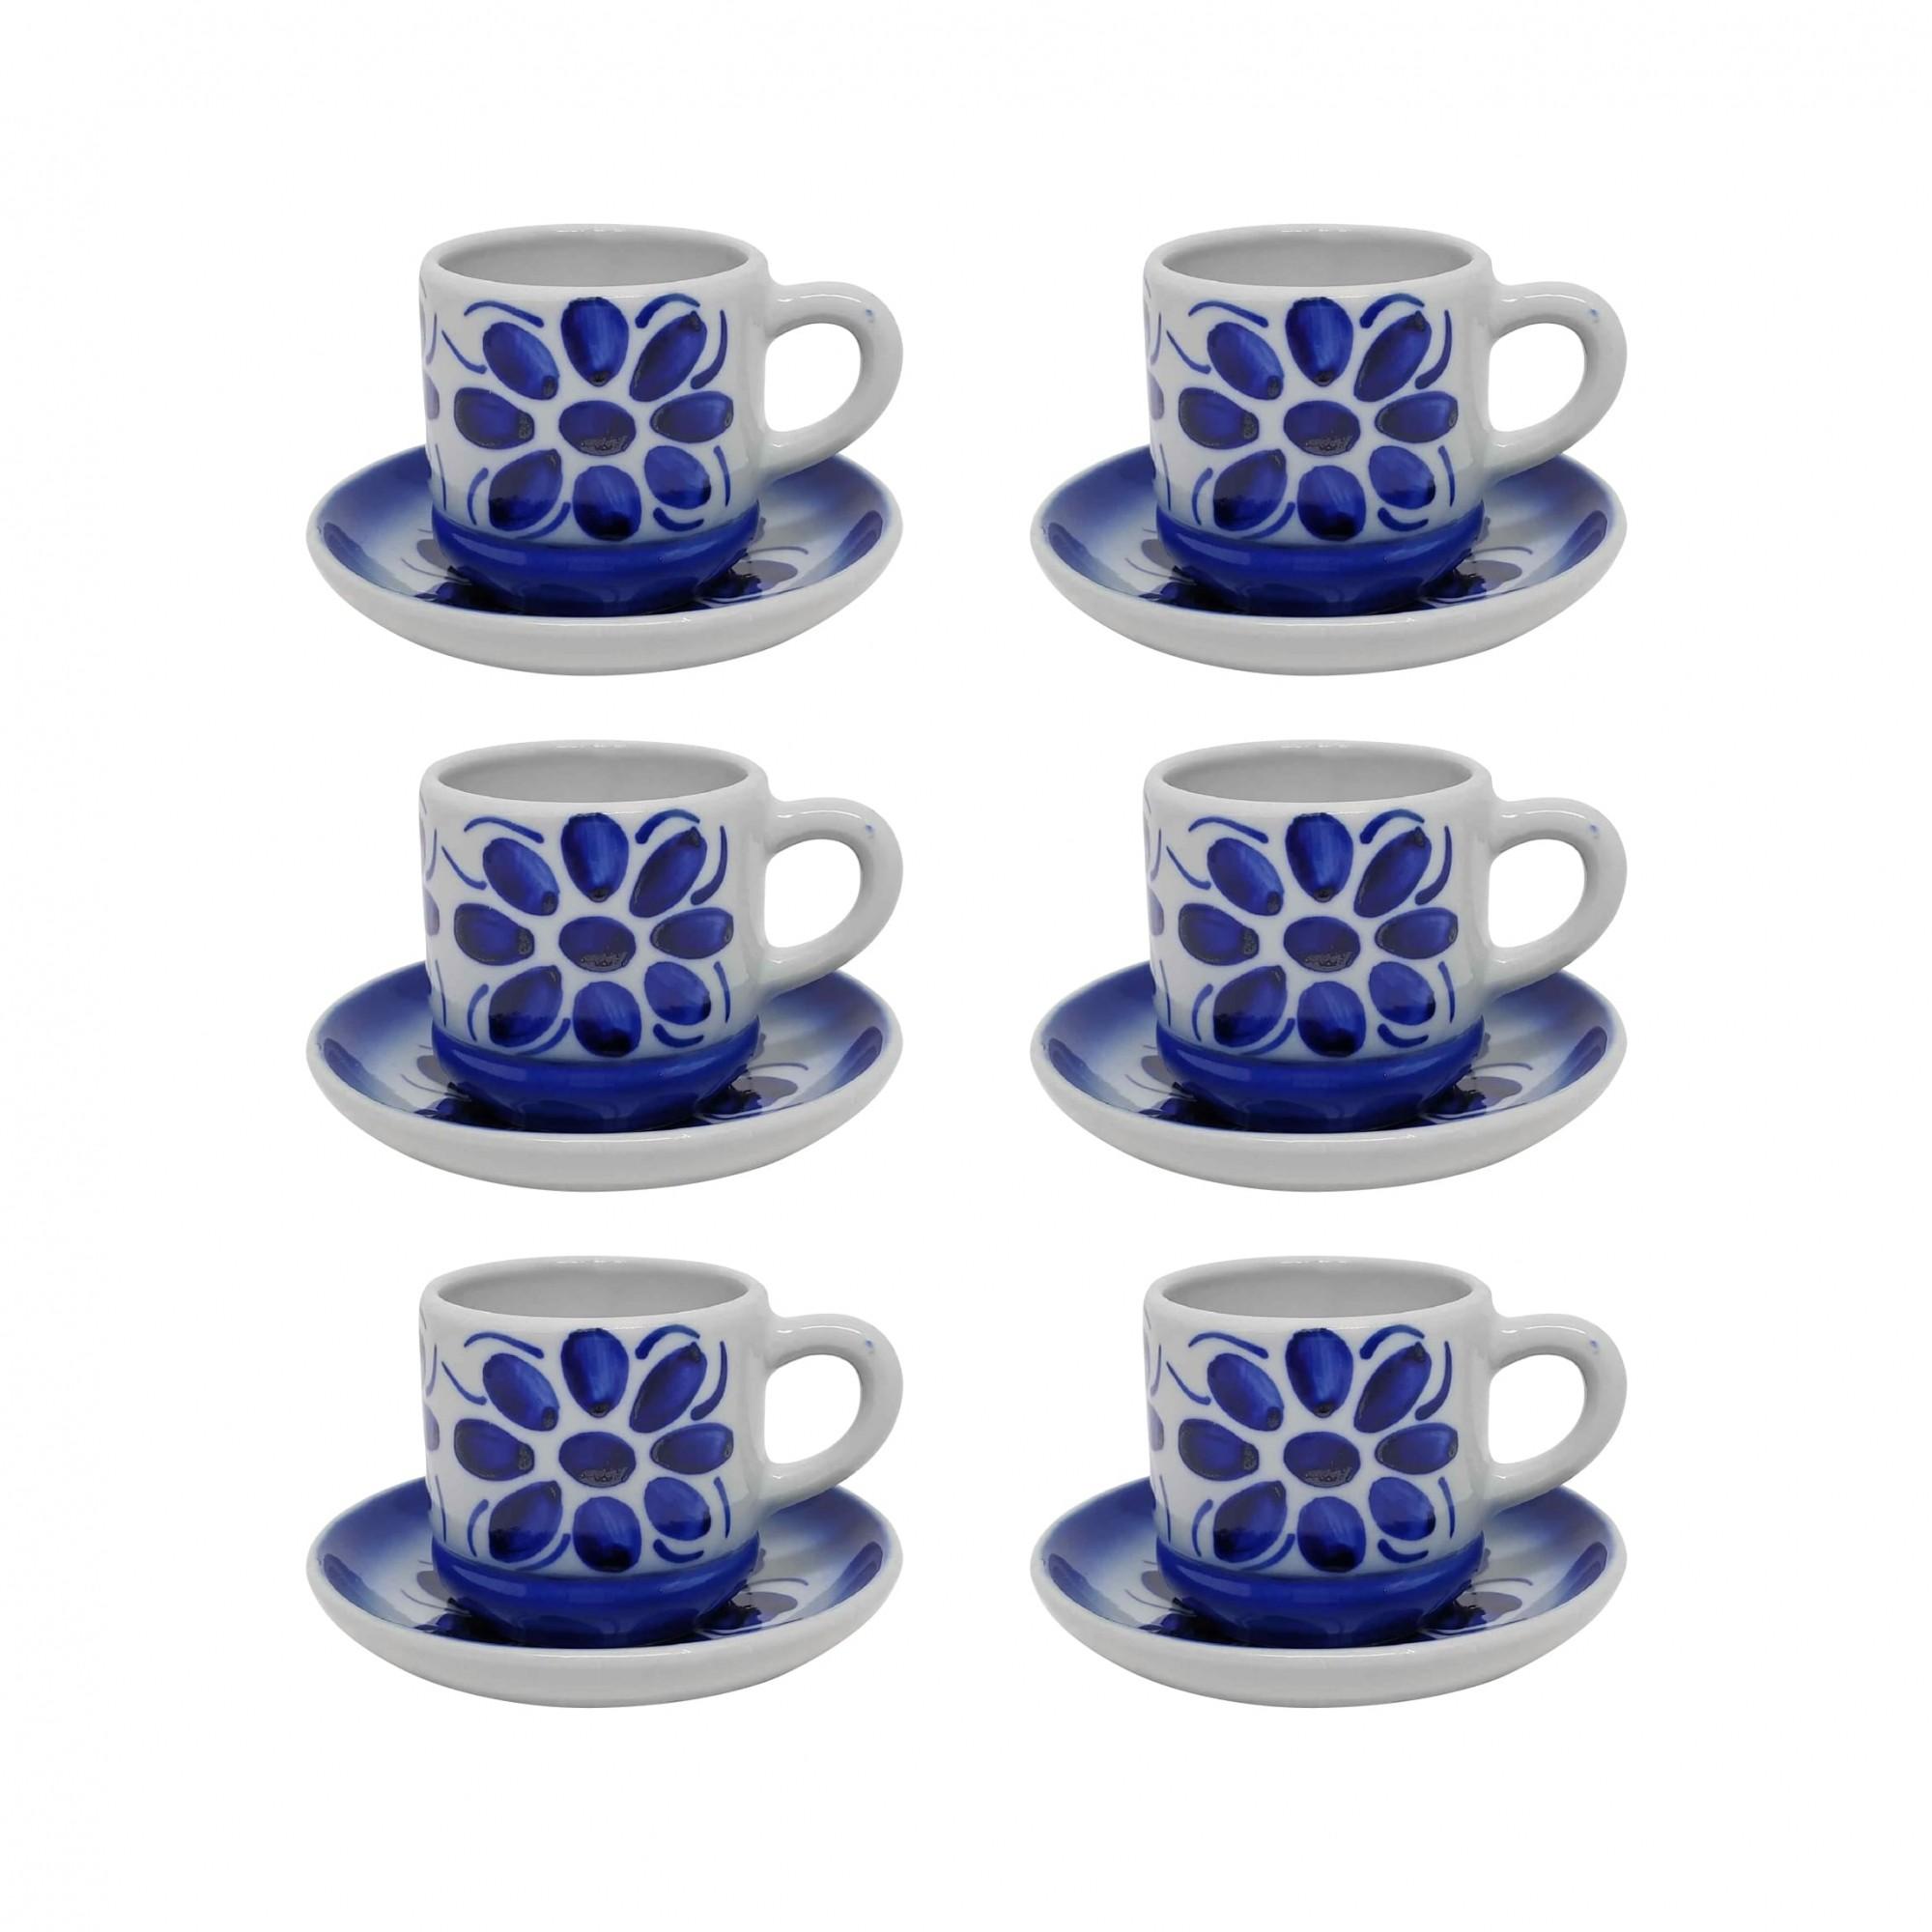 Jogo de 6 Xícaras de Café e Pires em Porcelana Azul Colonial 80 ml